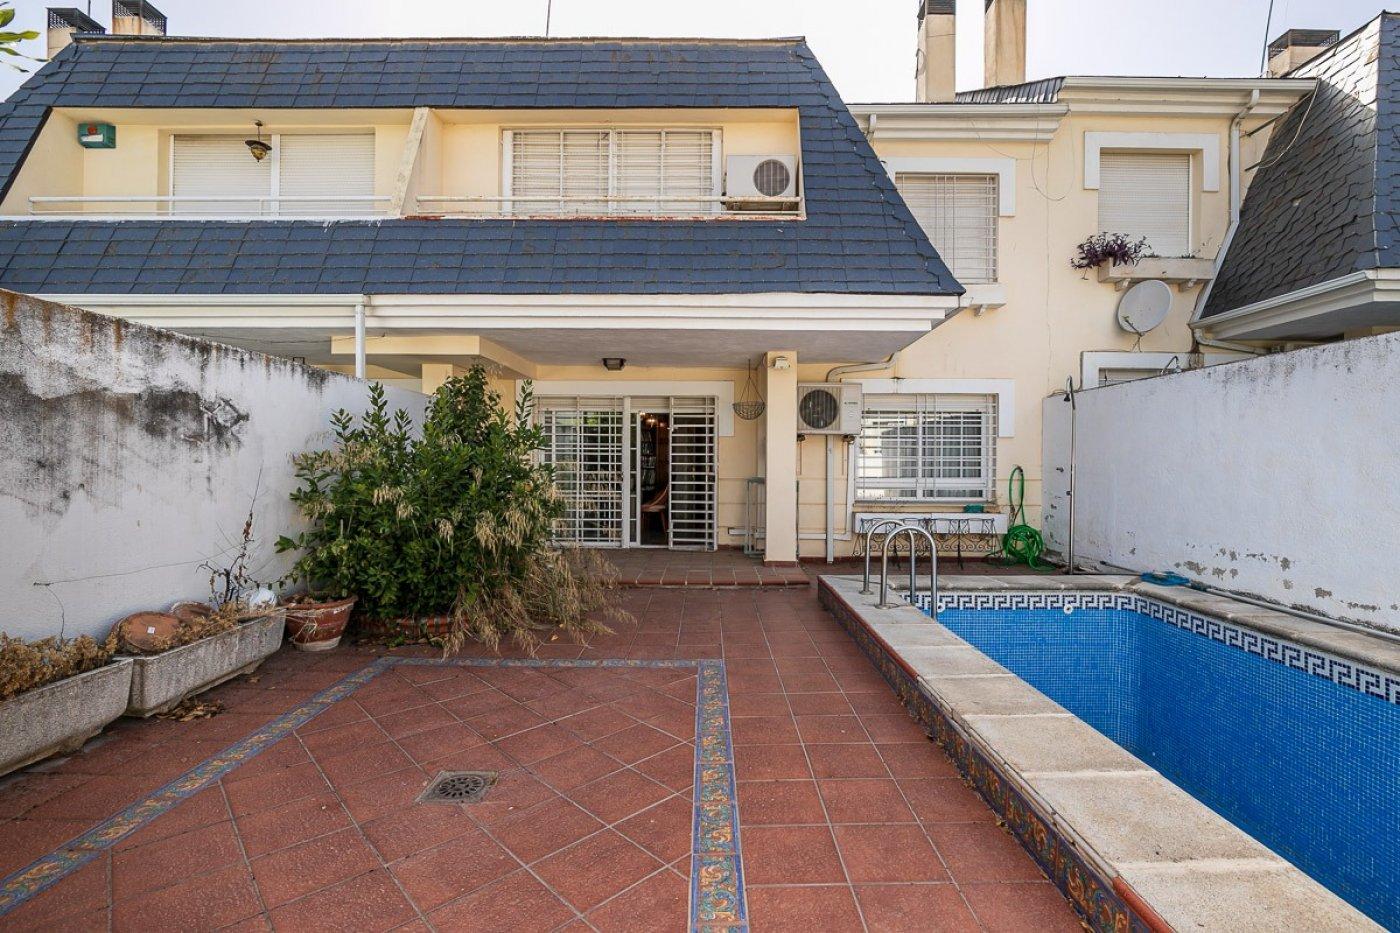 Ogijares. Magnífica vivienda unifamiliar adosada con 3 dormitorios y piscina propia., Granada